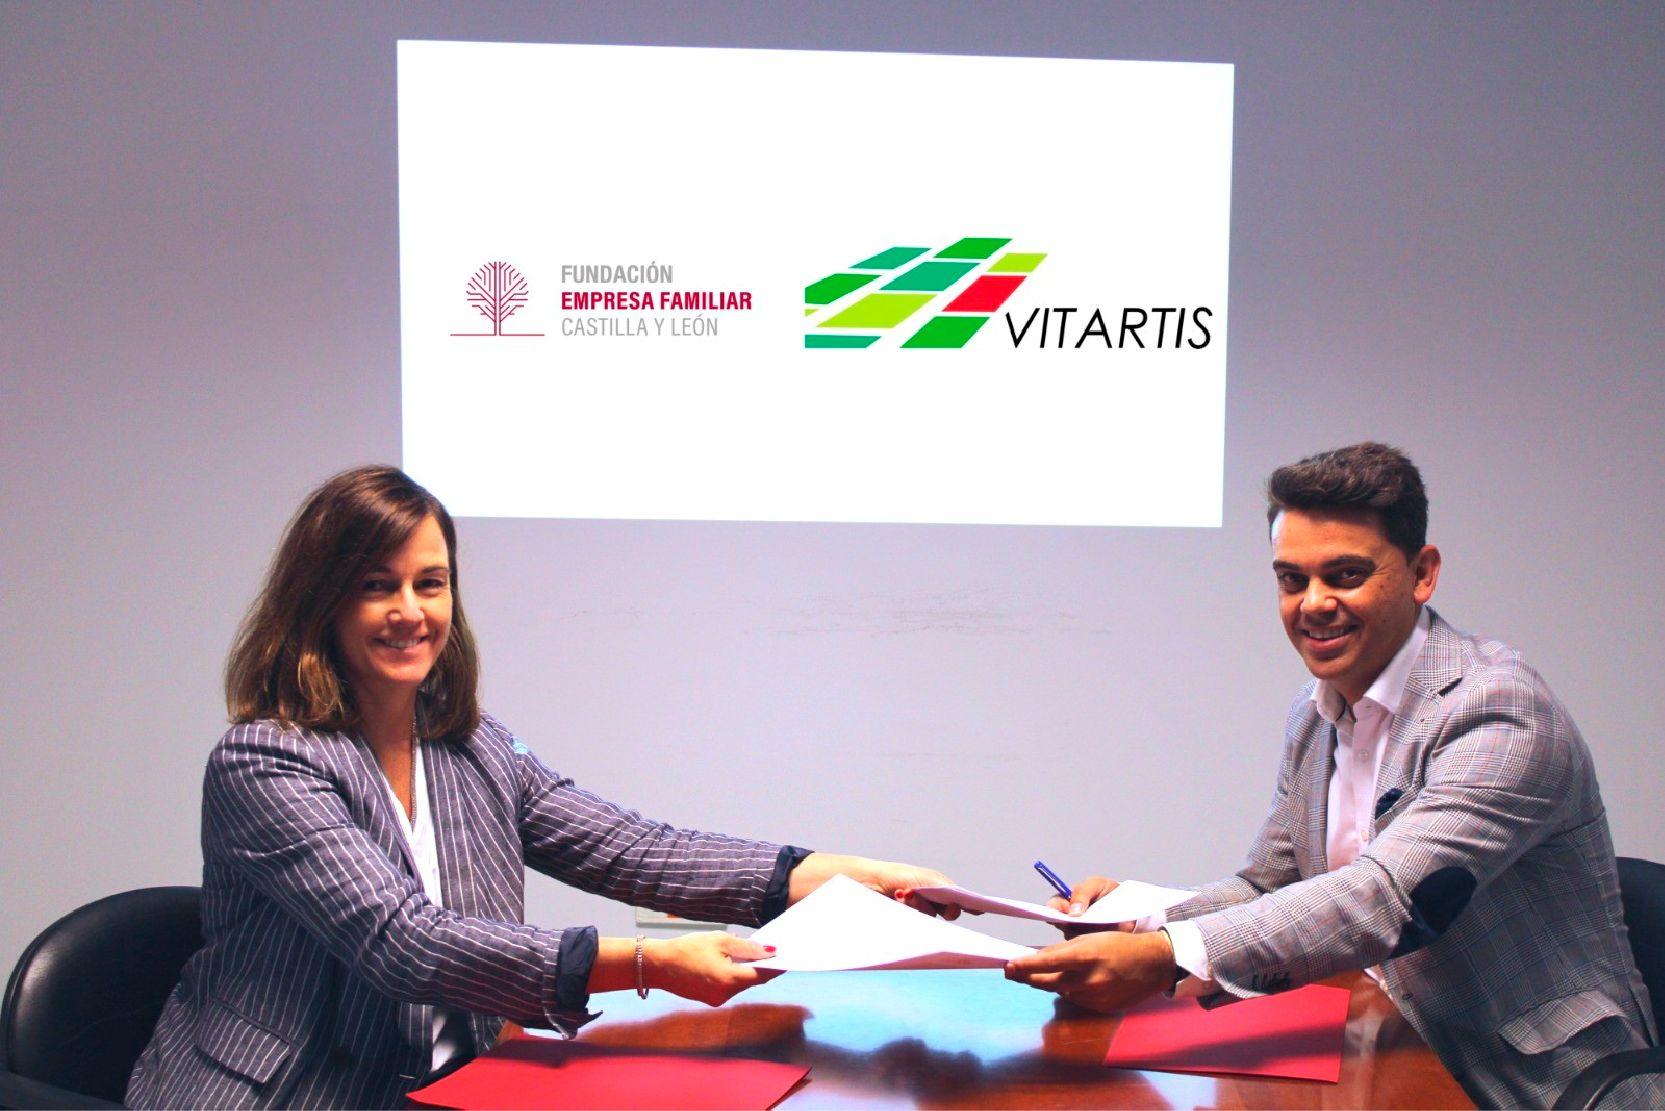 Firma del acuerdo Fundación EFCL y Vitartis